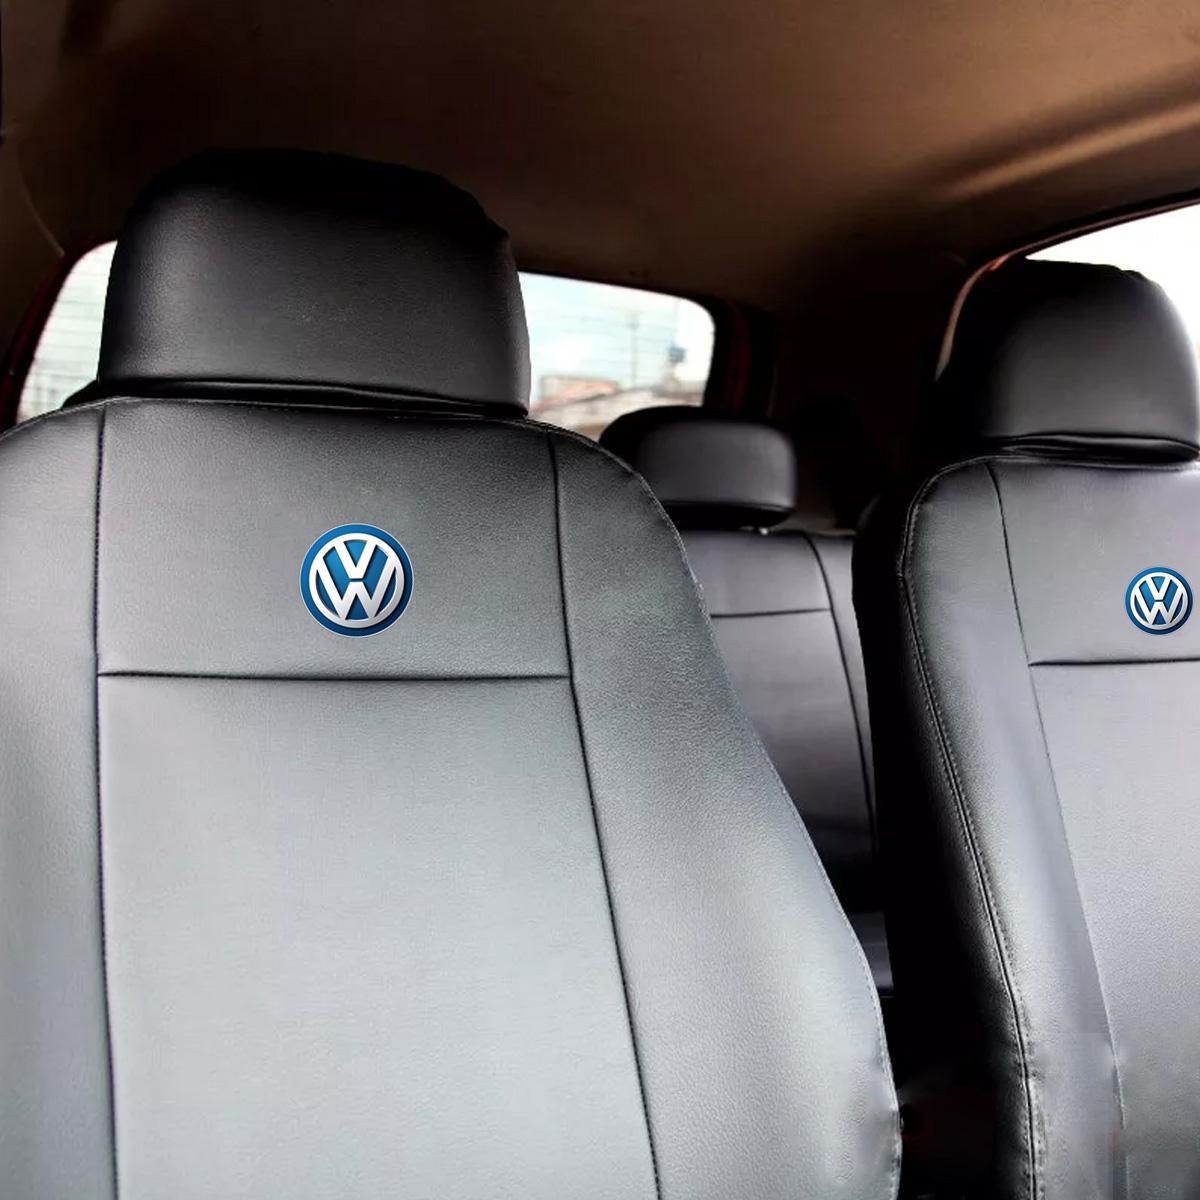 Capa de Banco Volkswagen Couro + Jogo Tapete Borracha Logo Bordado Poliparts